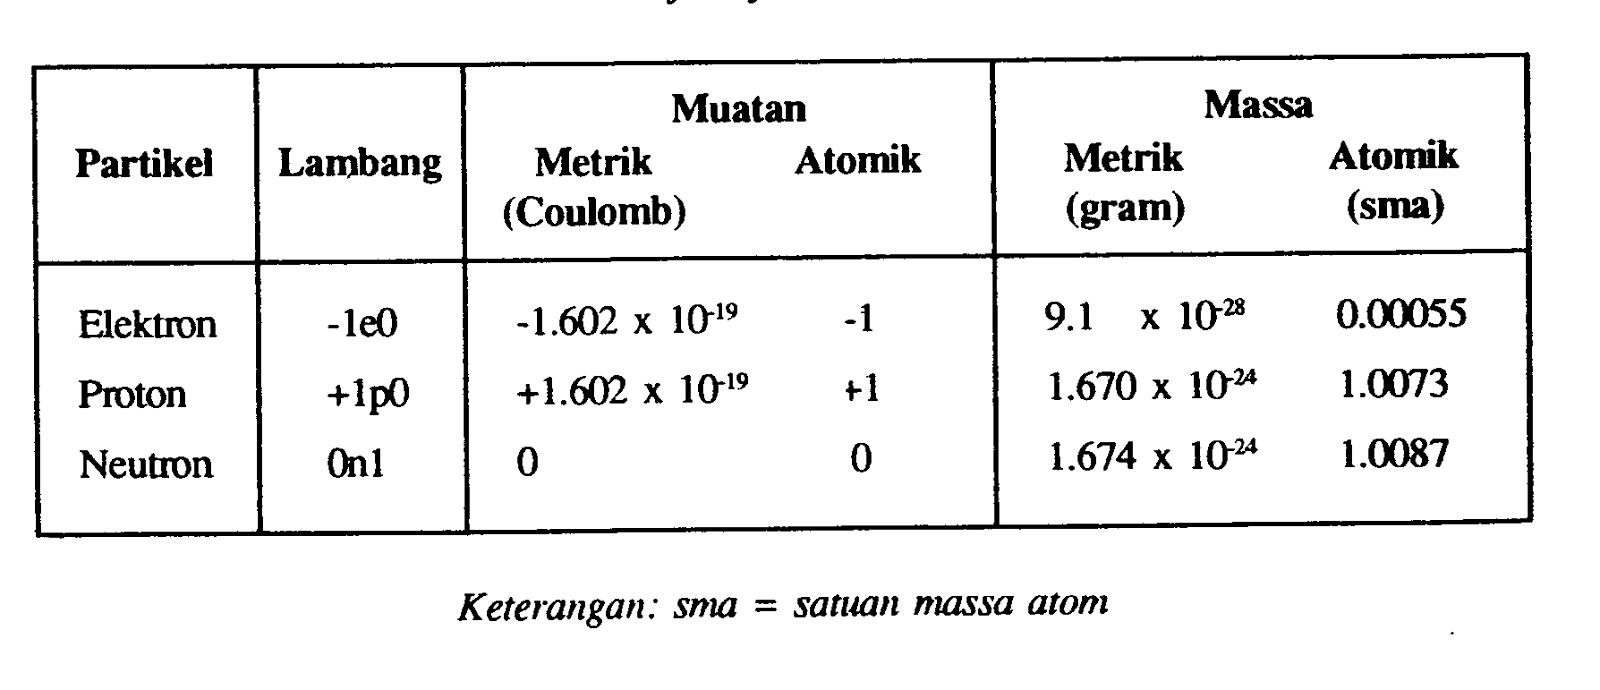 Sejarah & Penemuan: Sejarah Penemuan Proton-Neutron dan ...